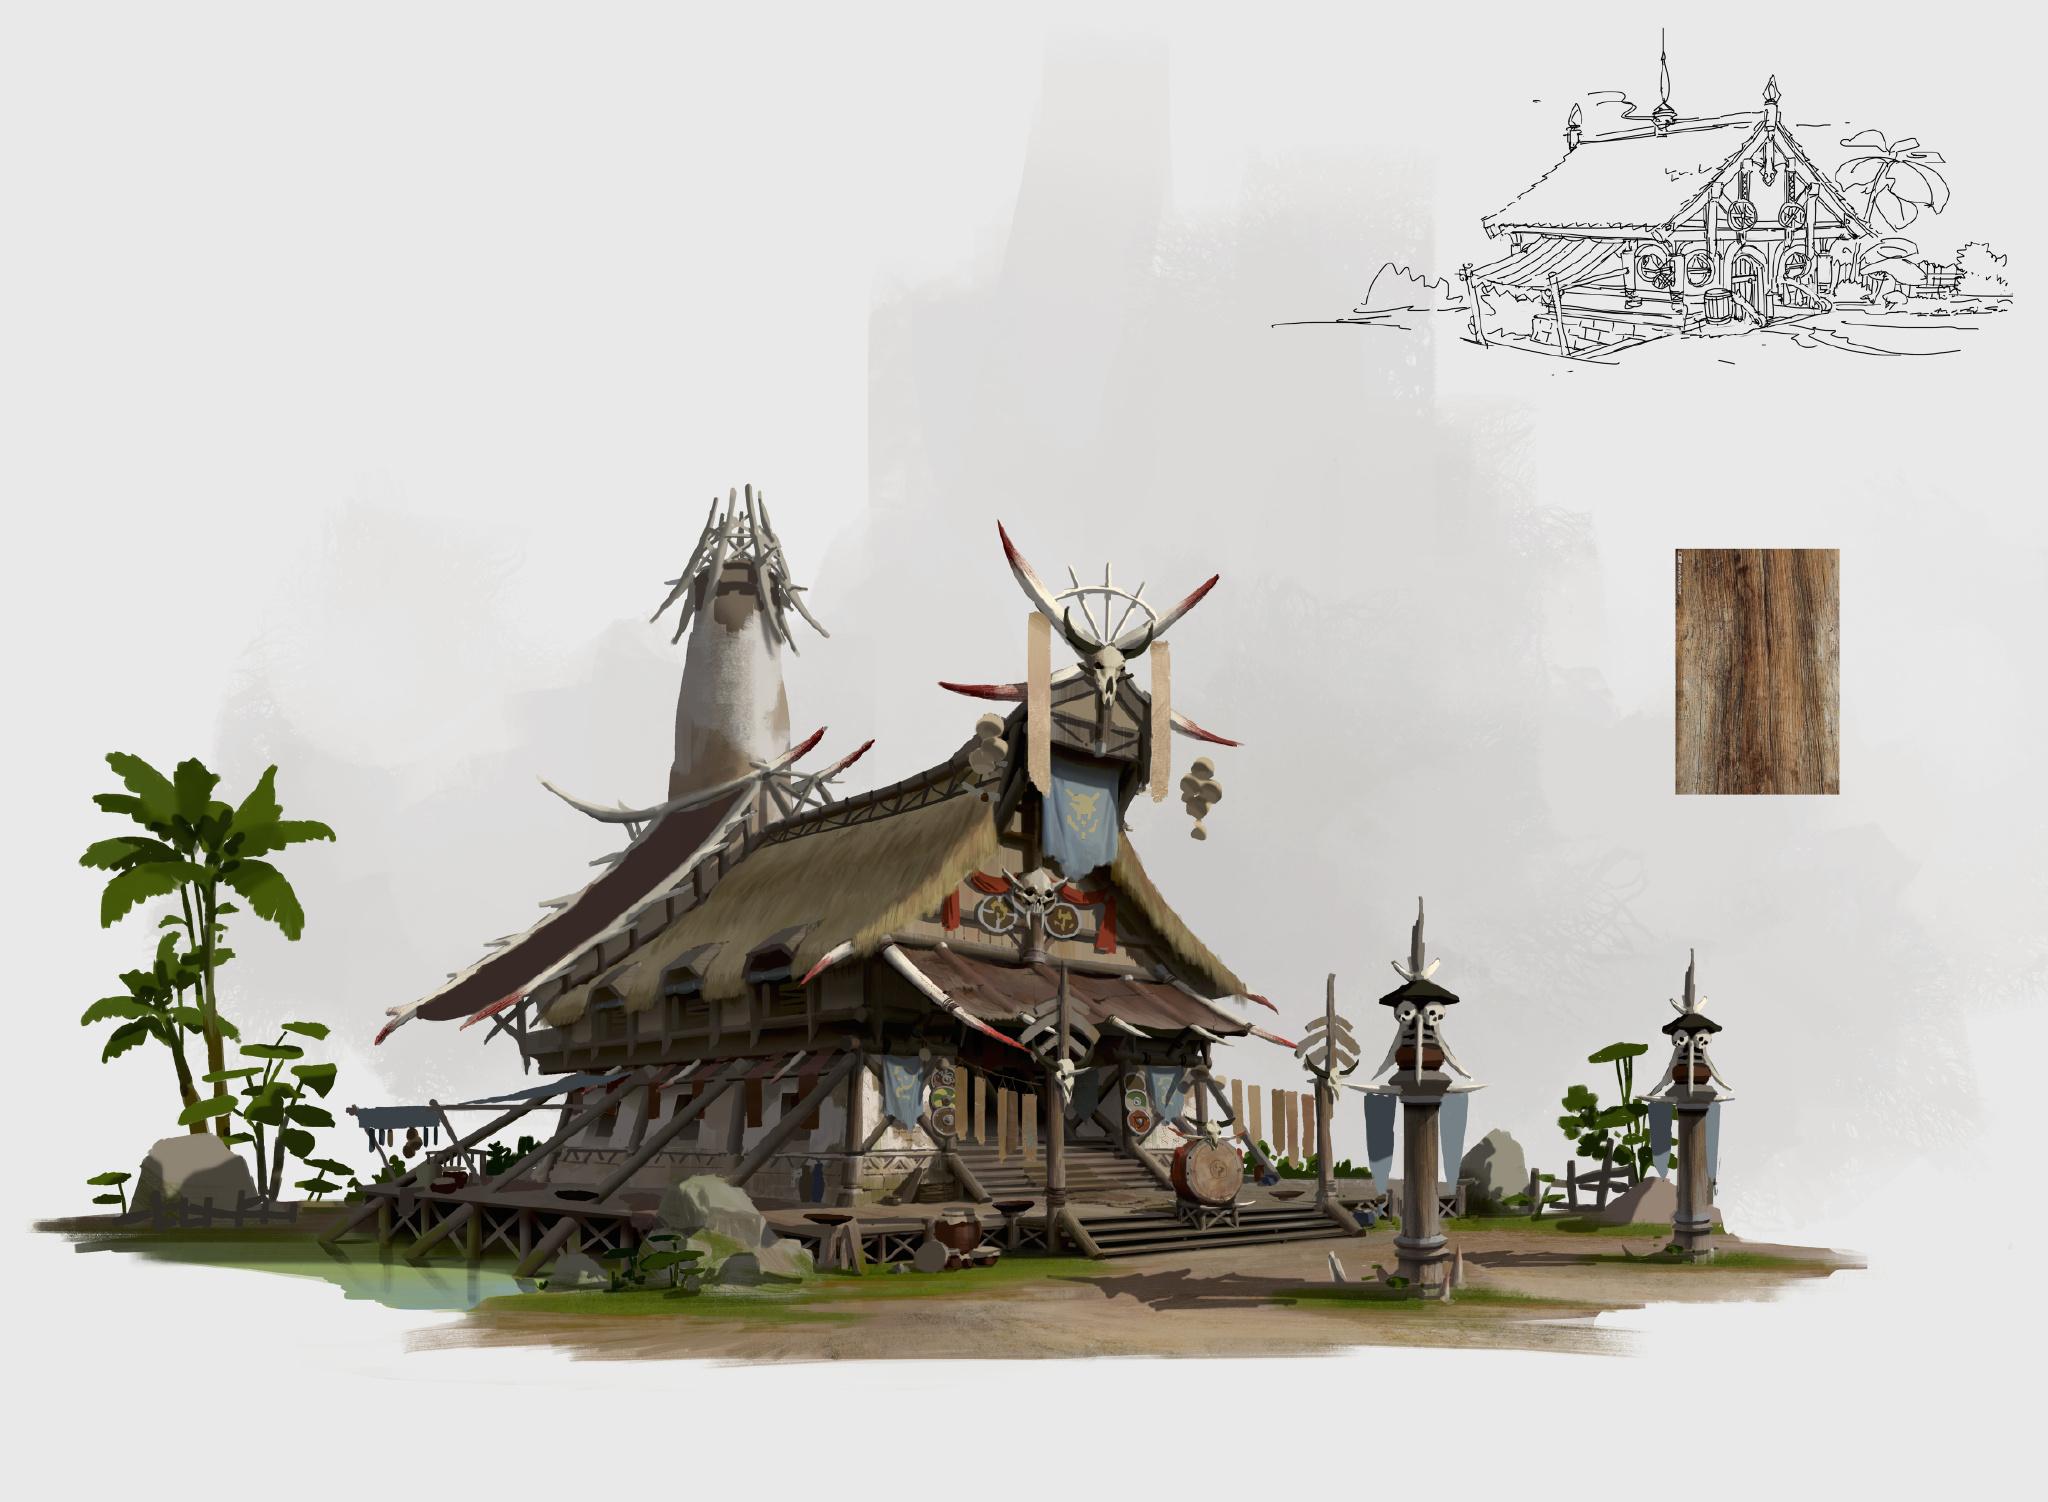 游戏原画场景设计 部落建筑详细过程图4